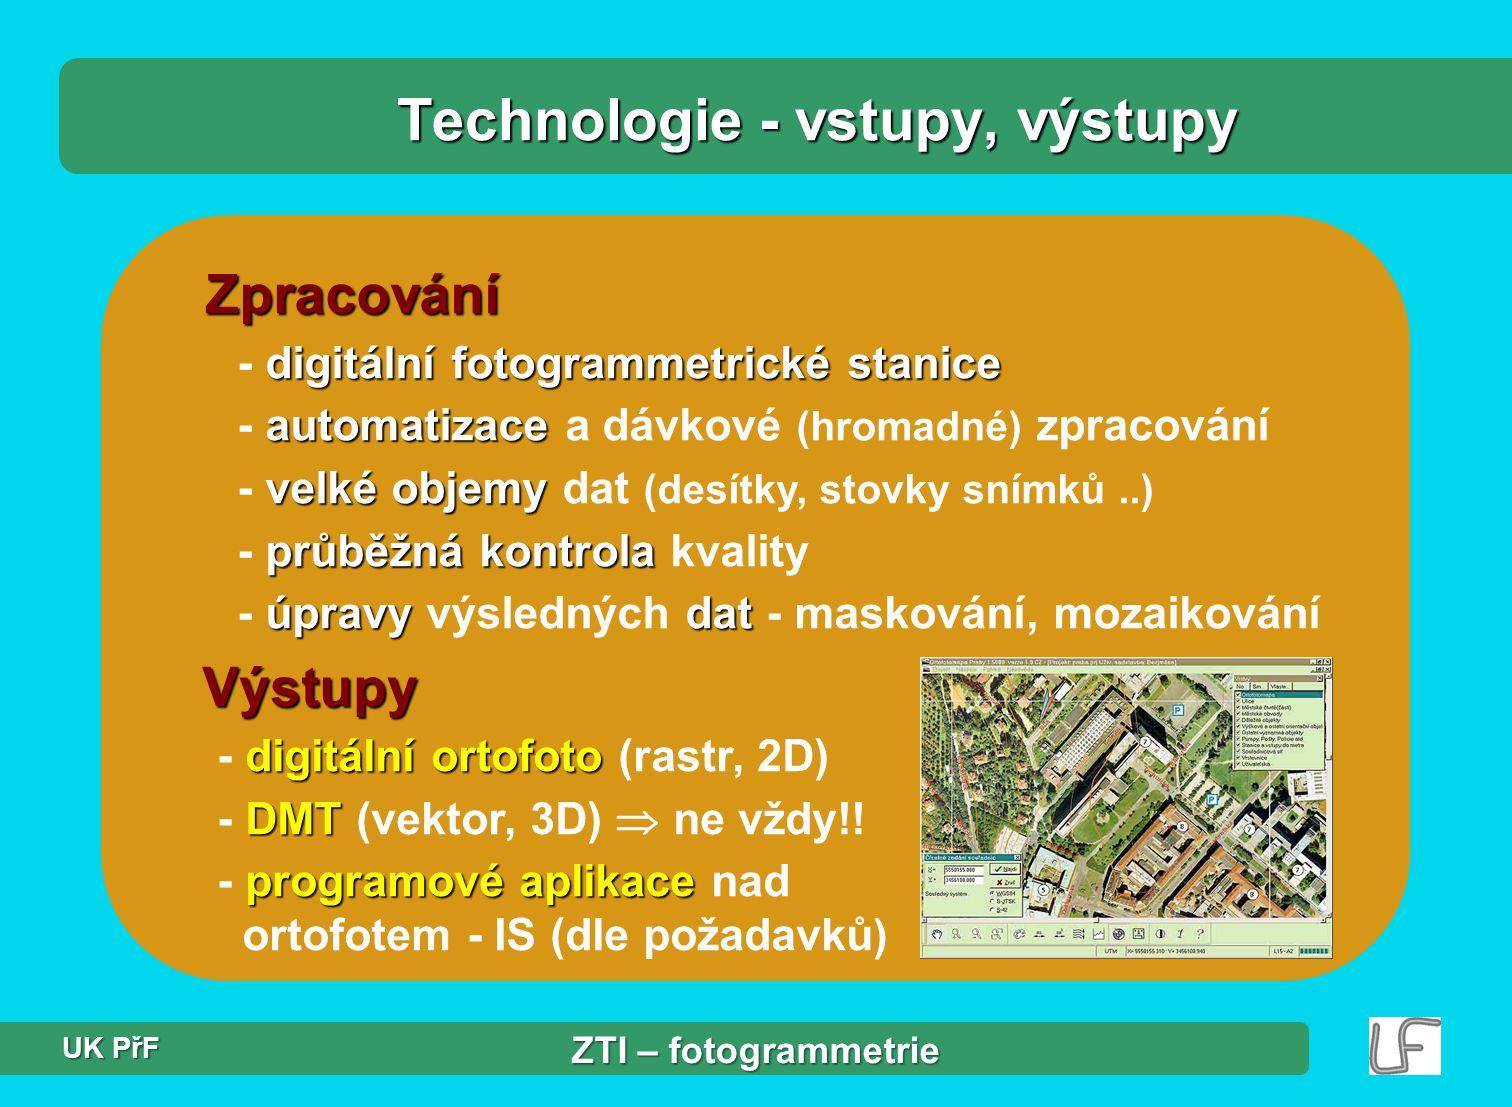 Zpracování digitální fotogrammetrické stanice - digitální fotogrammetrické stanice automatizace - automatizace a dávkové (hromadné) zpracování velké o